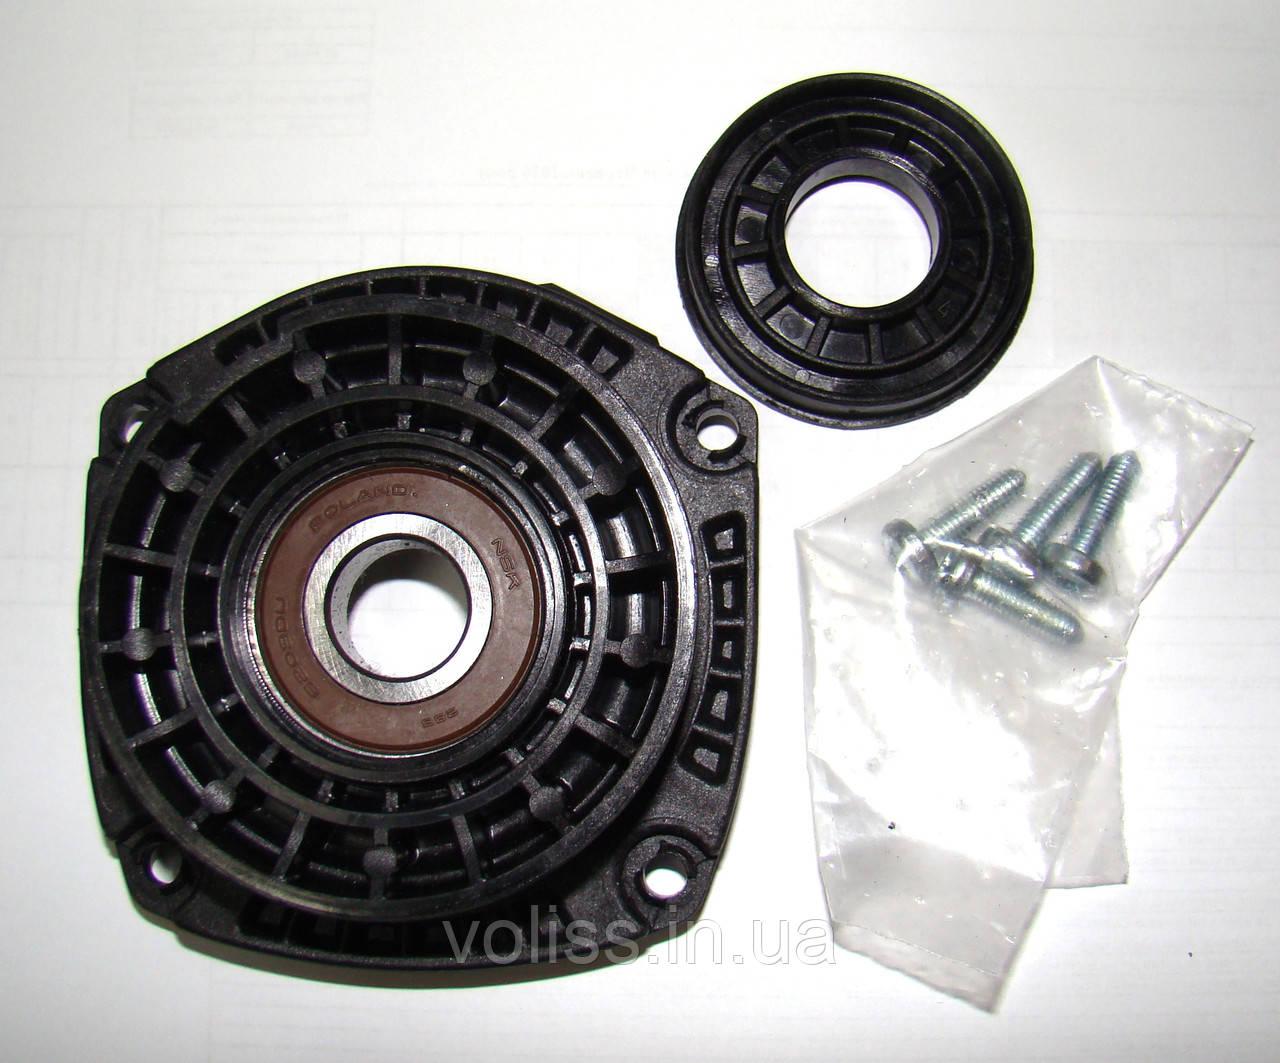 Фланец для GWS 20-230 Bosch